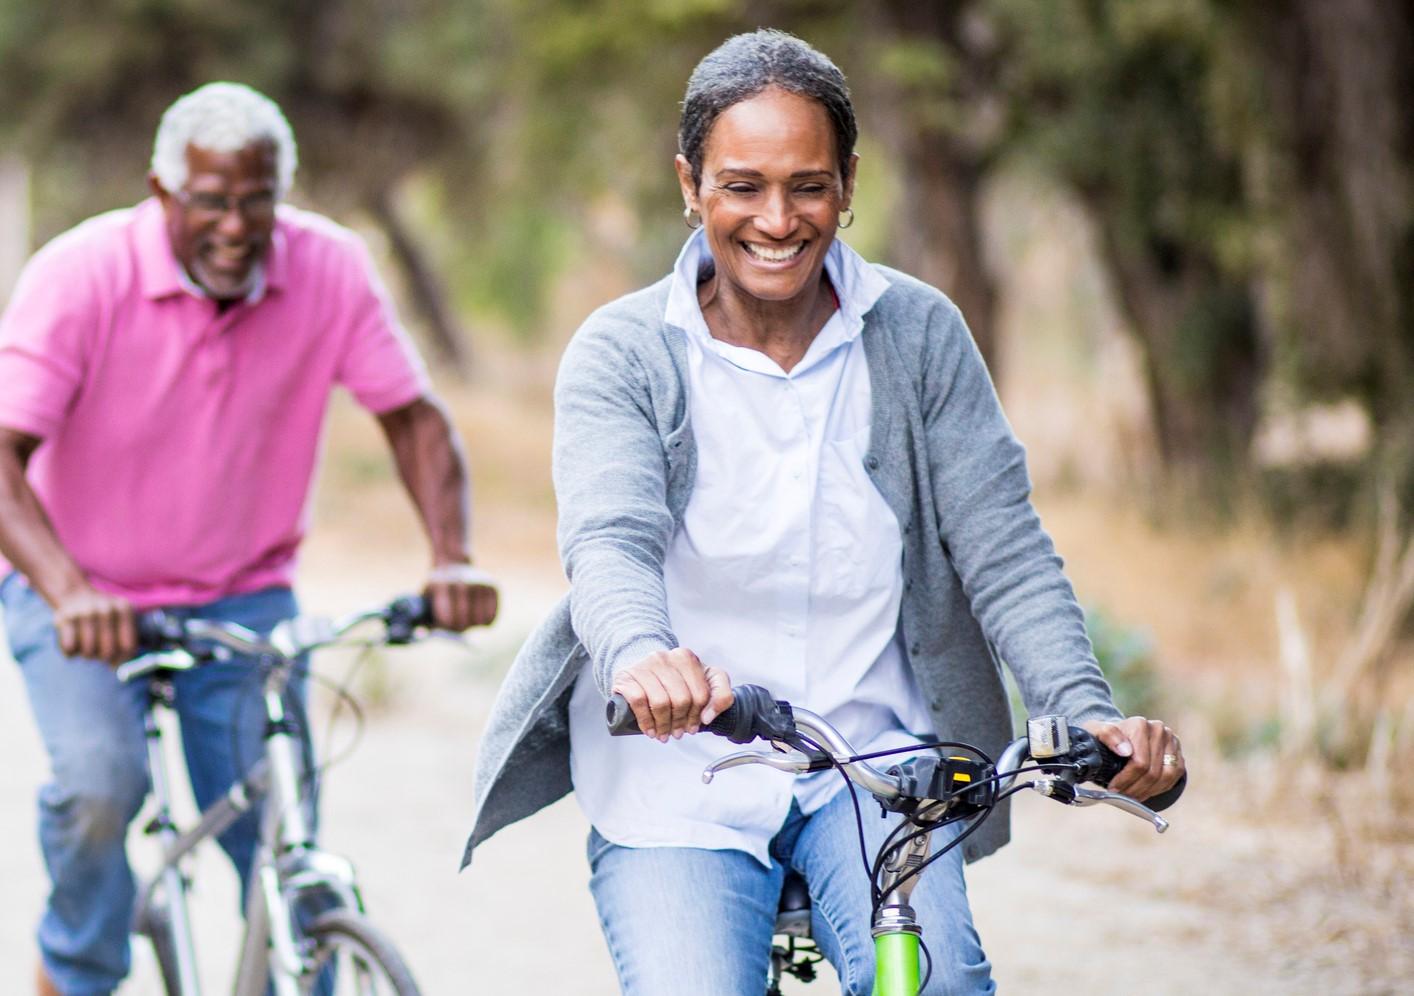 FERR et changer les bénéficiaires pour des rentiers